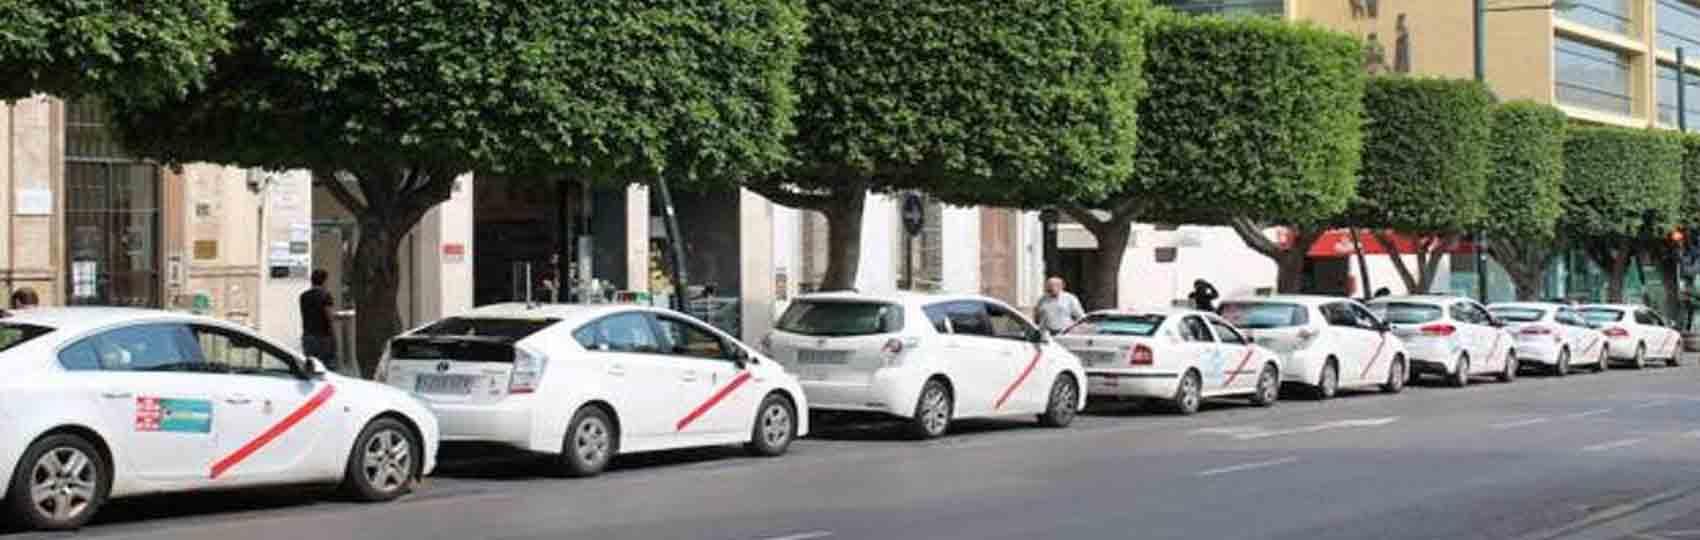 Noticias del sector del taxi y la movilidad en Almería. Mantente informado de todas las noticias del taxi de Almería en el grupo de Facebook de Todo Taxi.